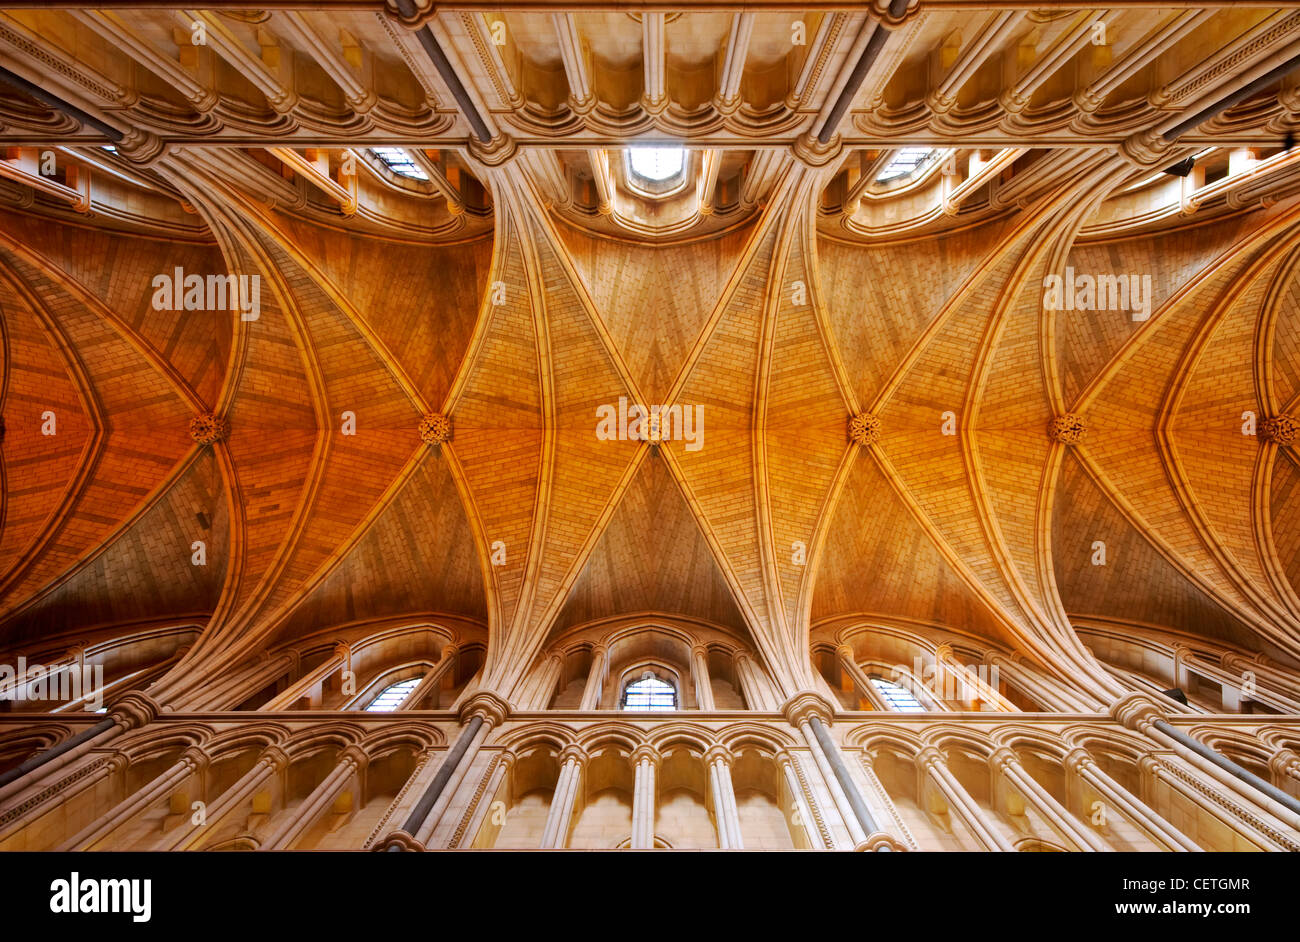 Le plafond de la cathédrale de Southwark. William Shakespeare est soupçonné d'avoir été présent lorsque John Harvard, Banque D'Images